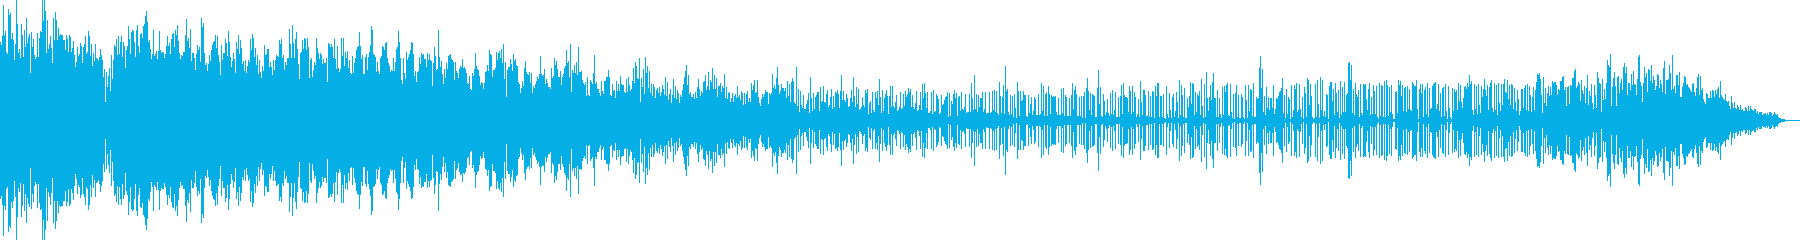 【電子音】 SF デジタルFX 15の再生済みの波形